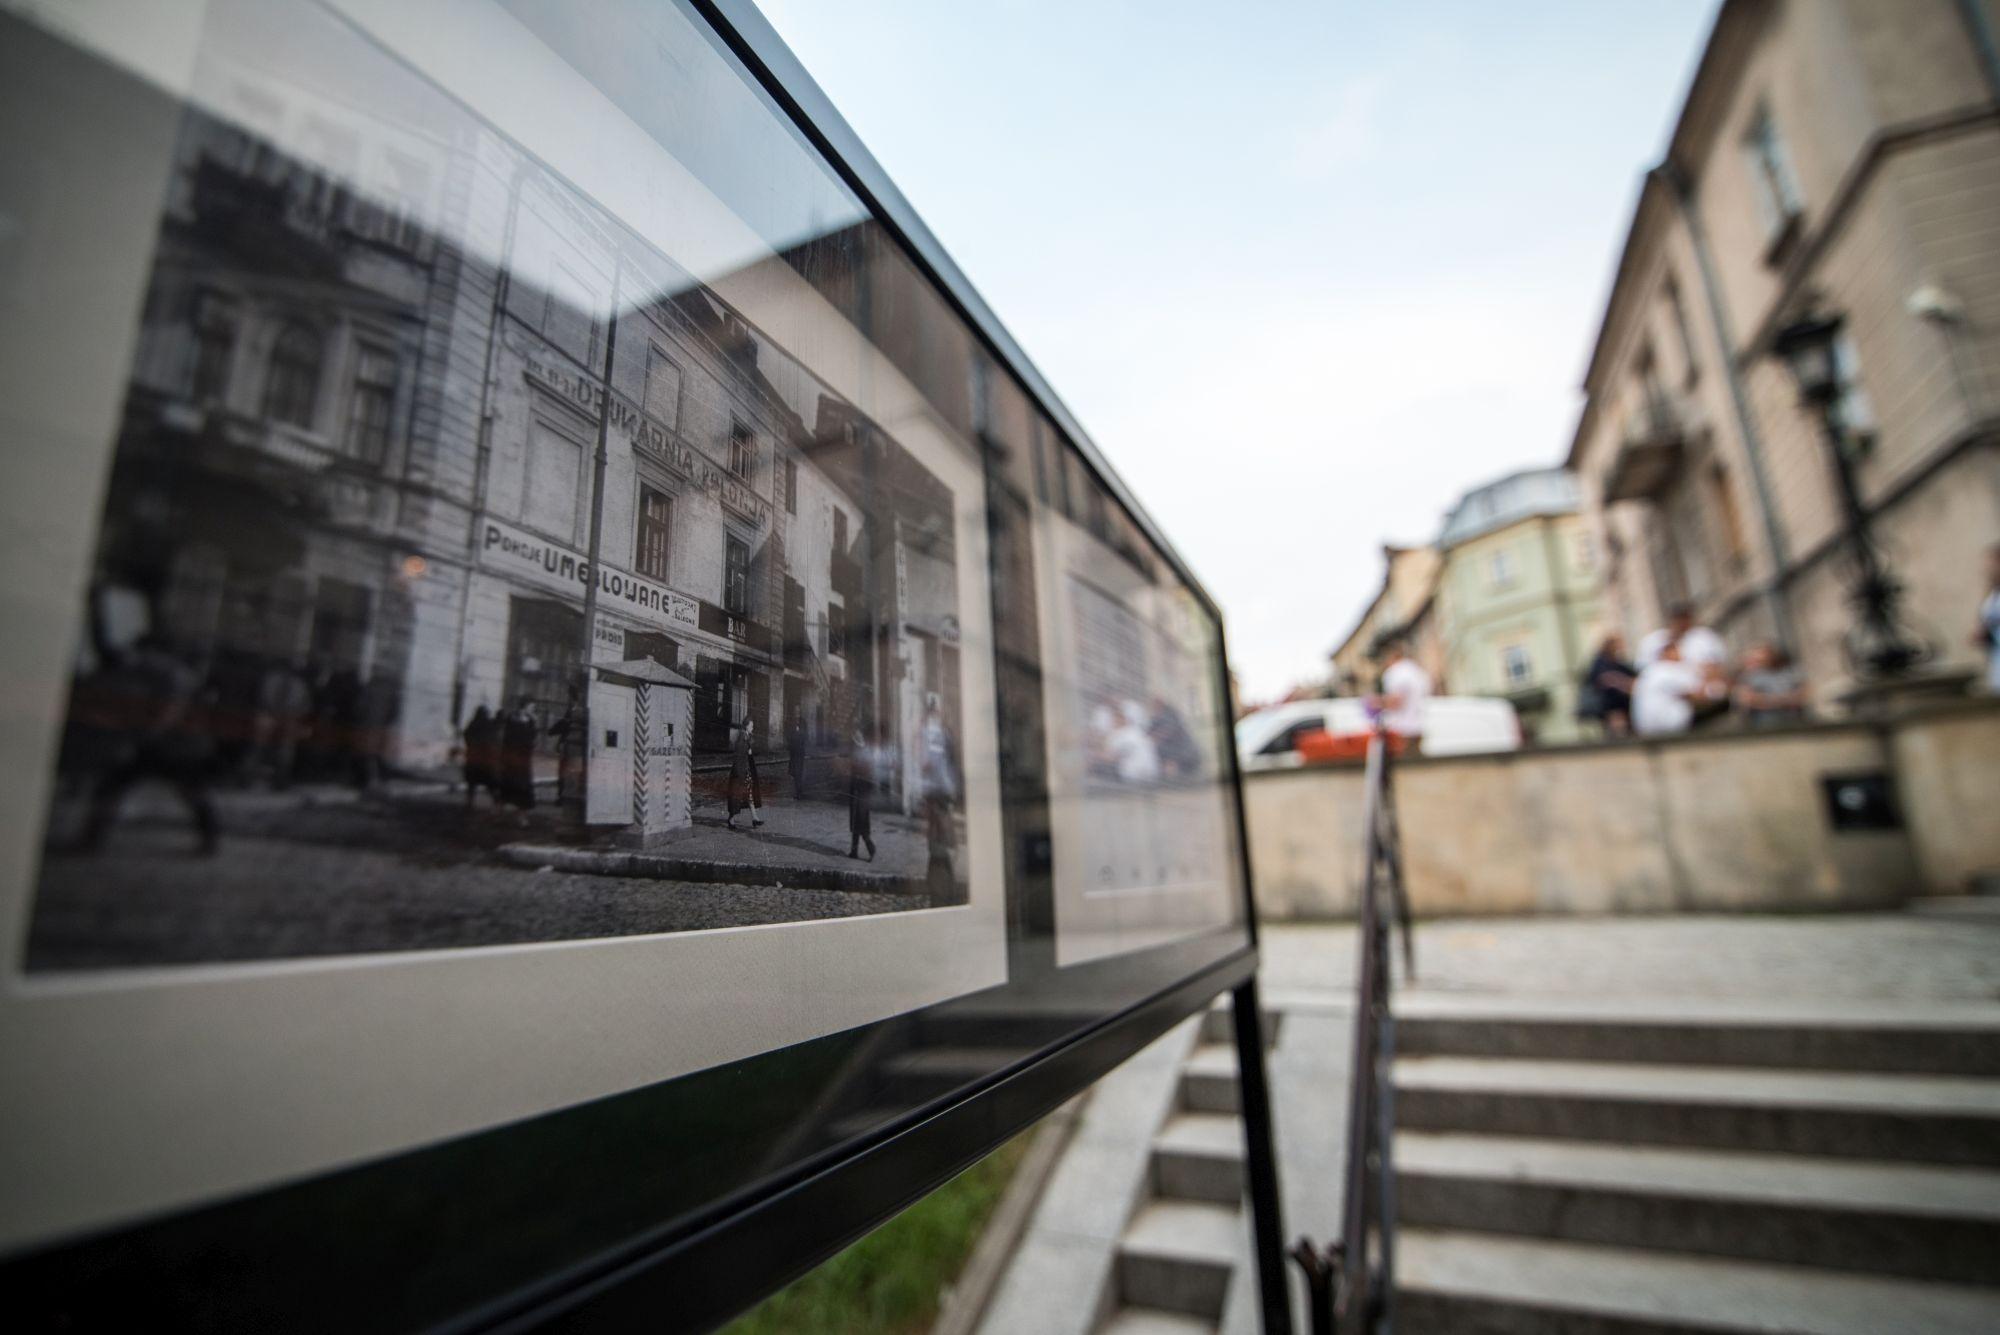 Kiełsznia - dokumentalista Lublina [galeria fotografii w Zaułku Hartwigów, zbliżenie na czarno-białą fotografię przedstawiającą miasto]